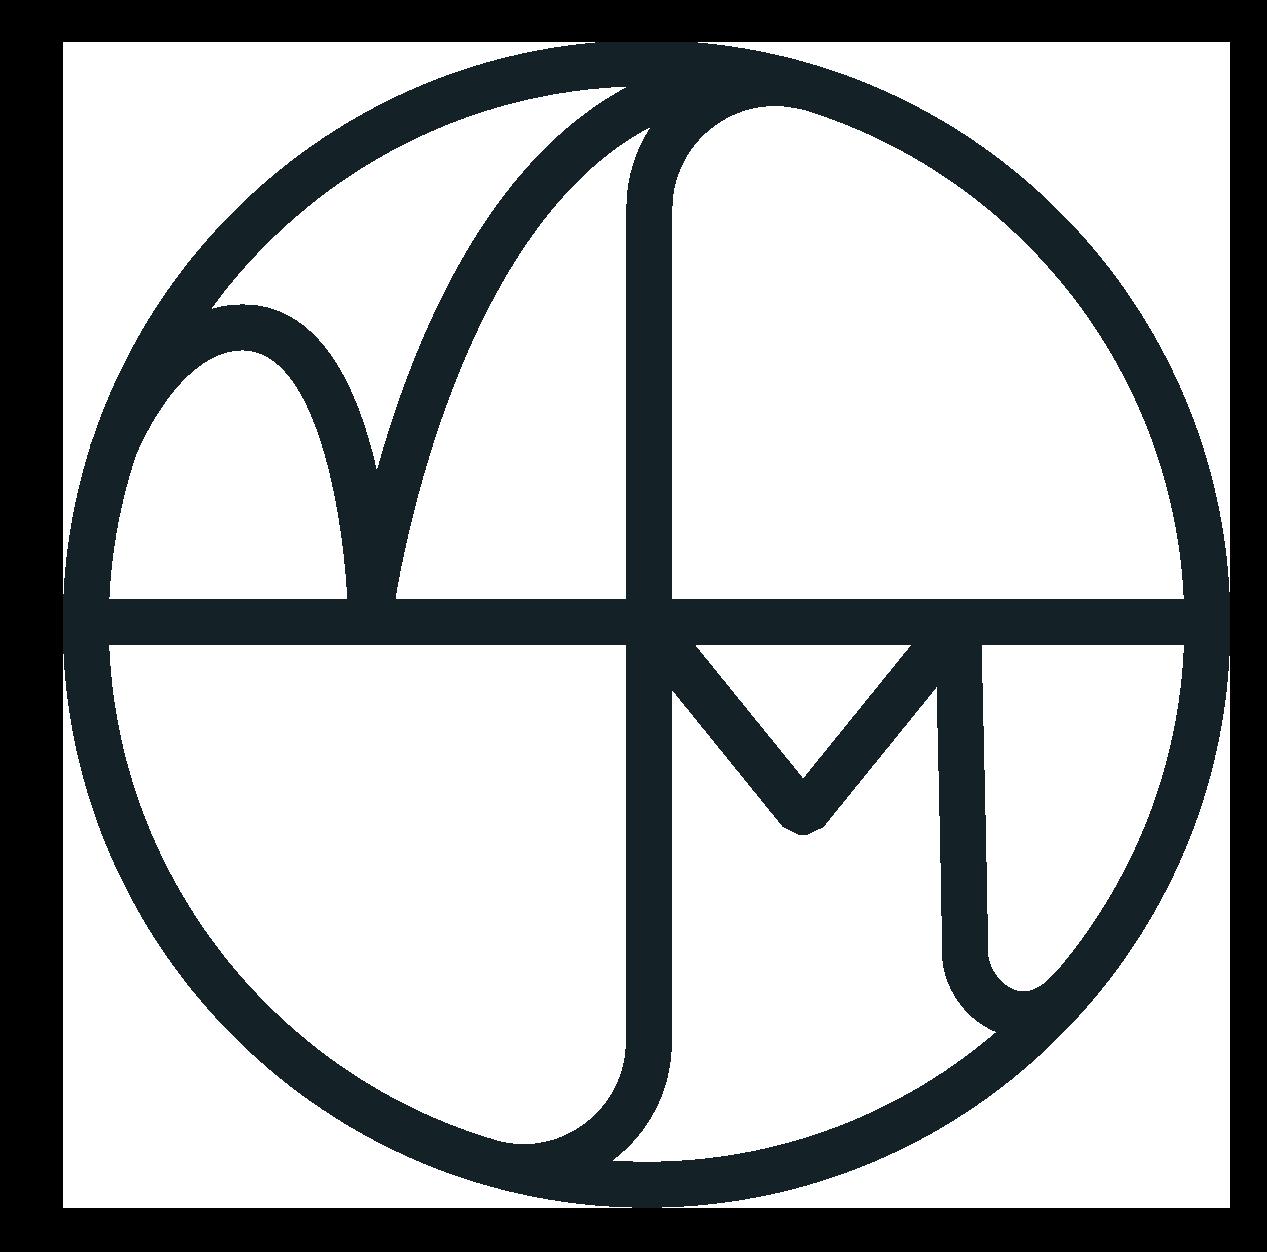 vfm_logo (2)